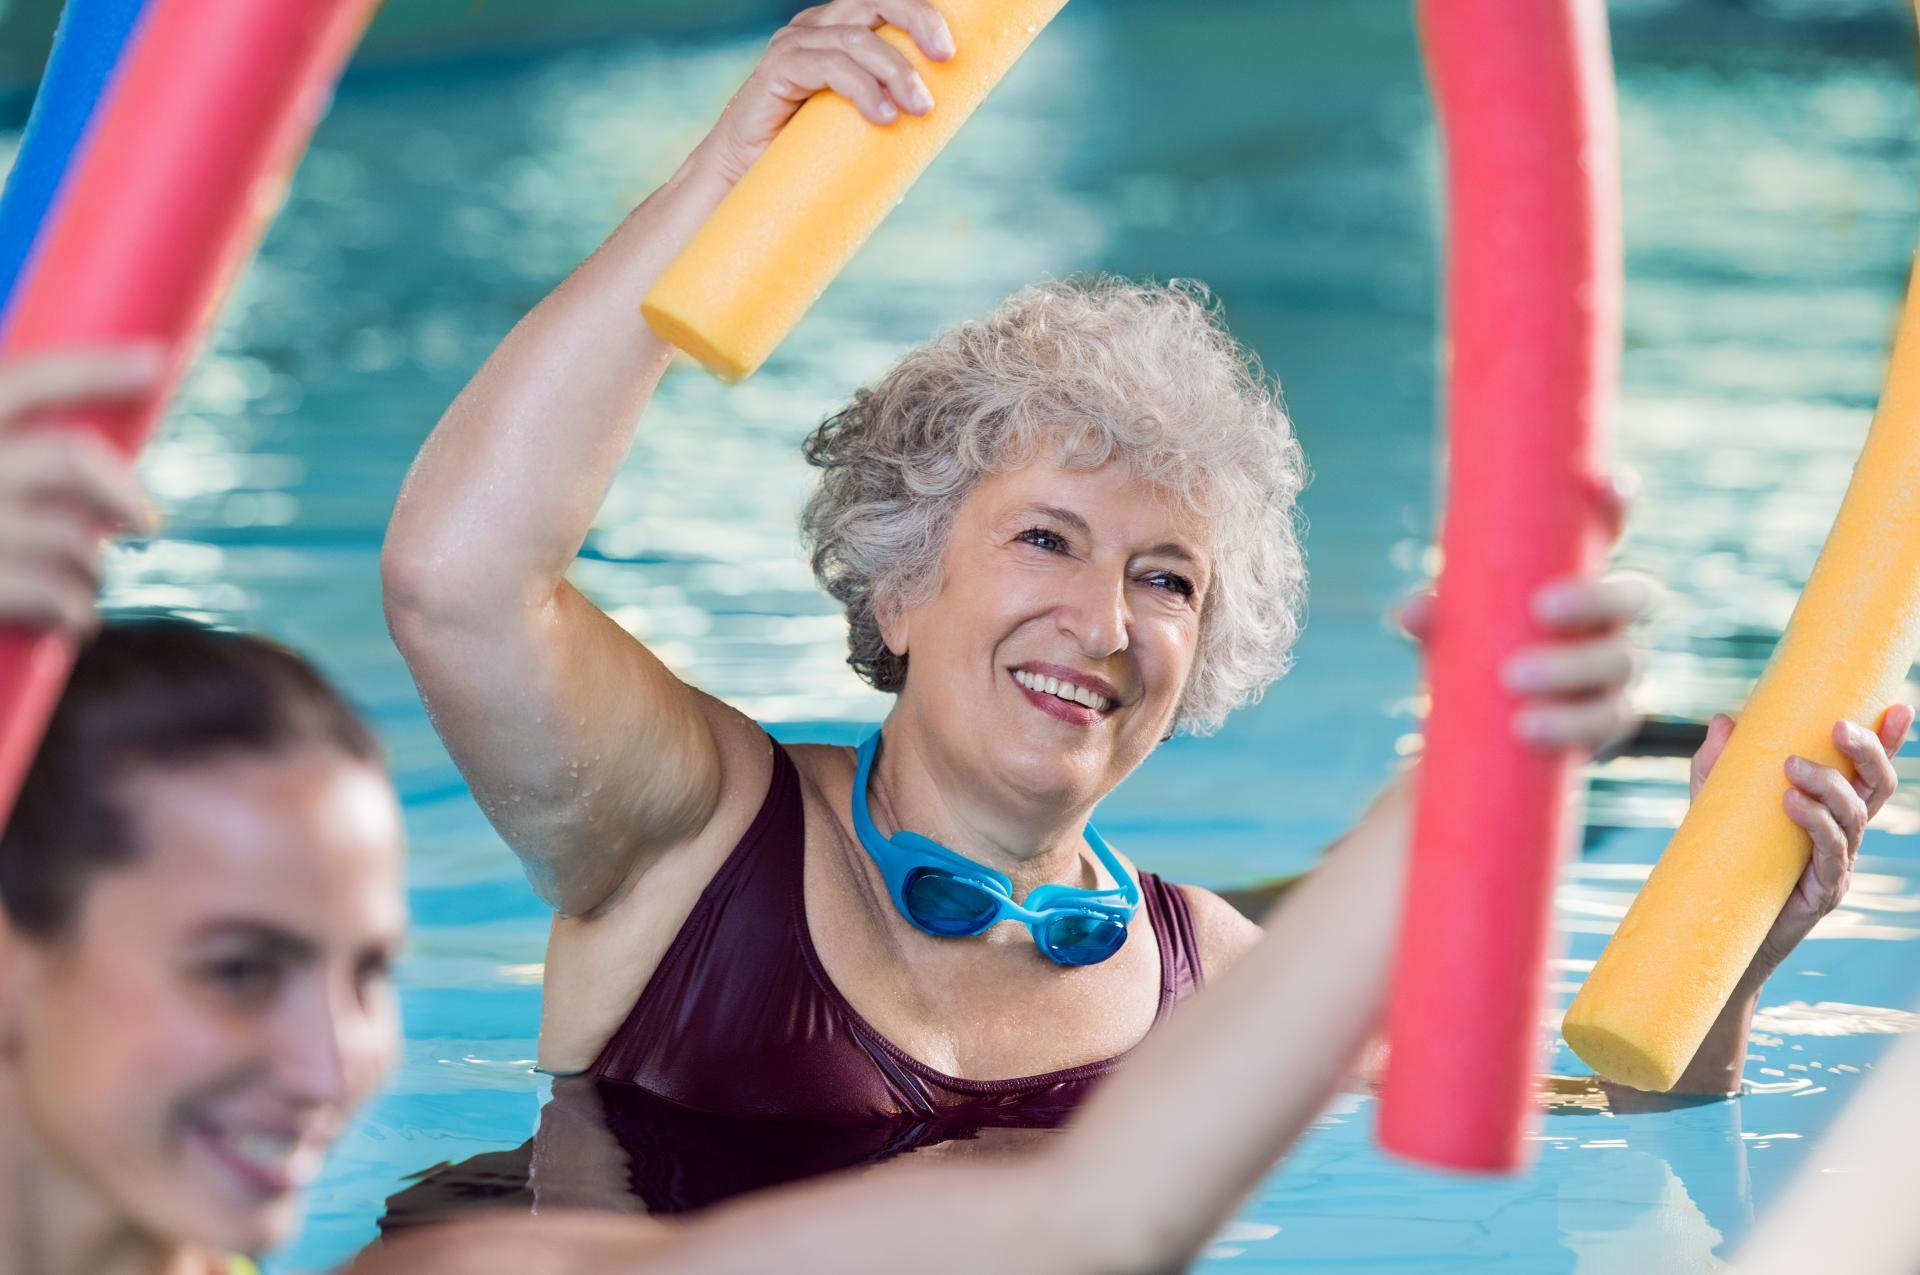 Une personne âgée pratique une séance d'aquagym